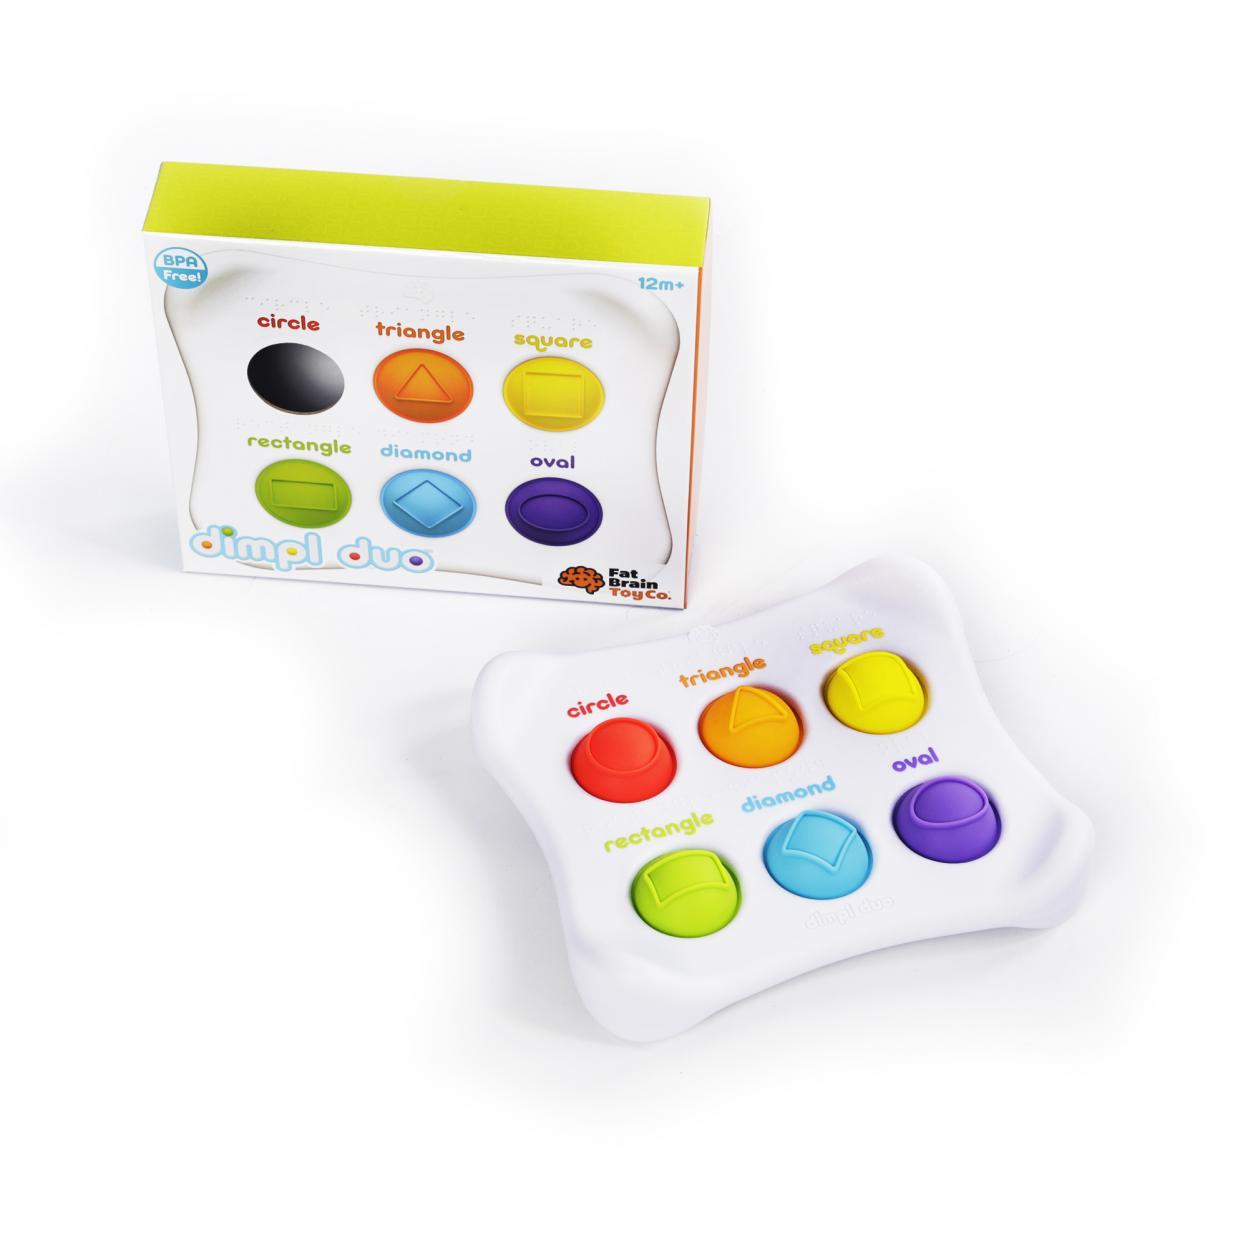 Bąbelki Dimpl Duo - kształty i kolory